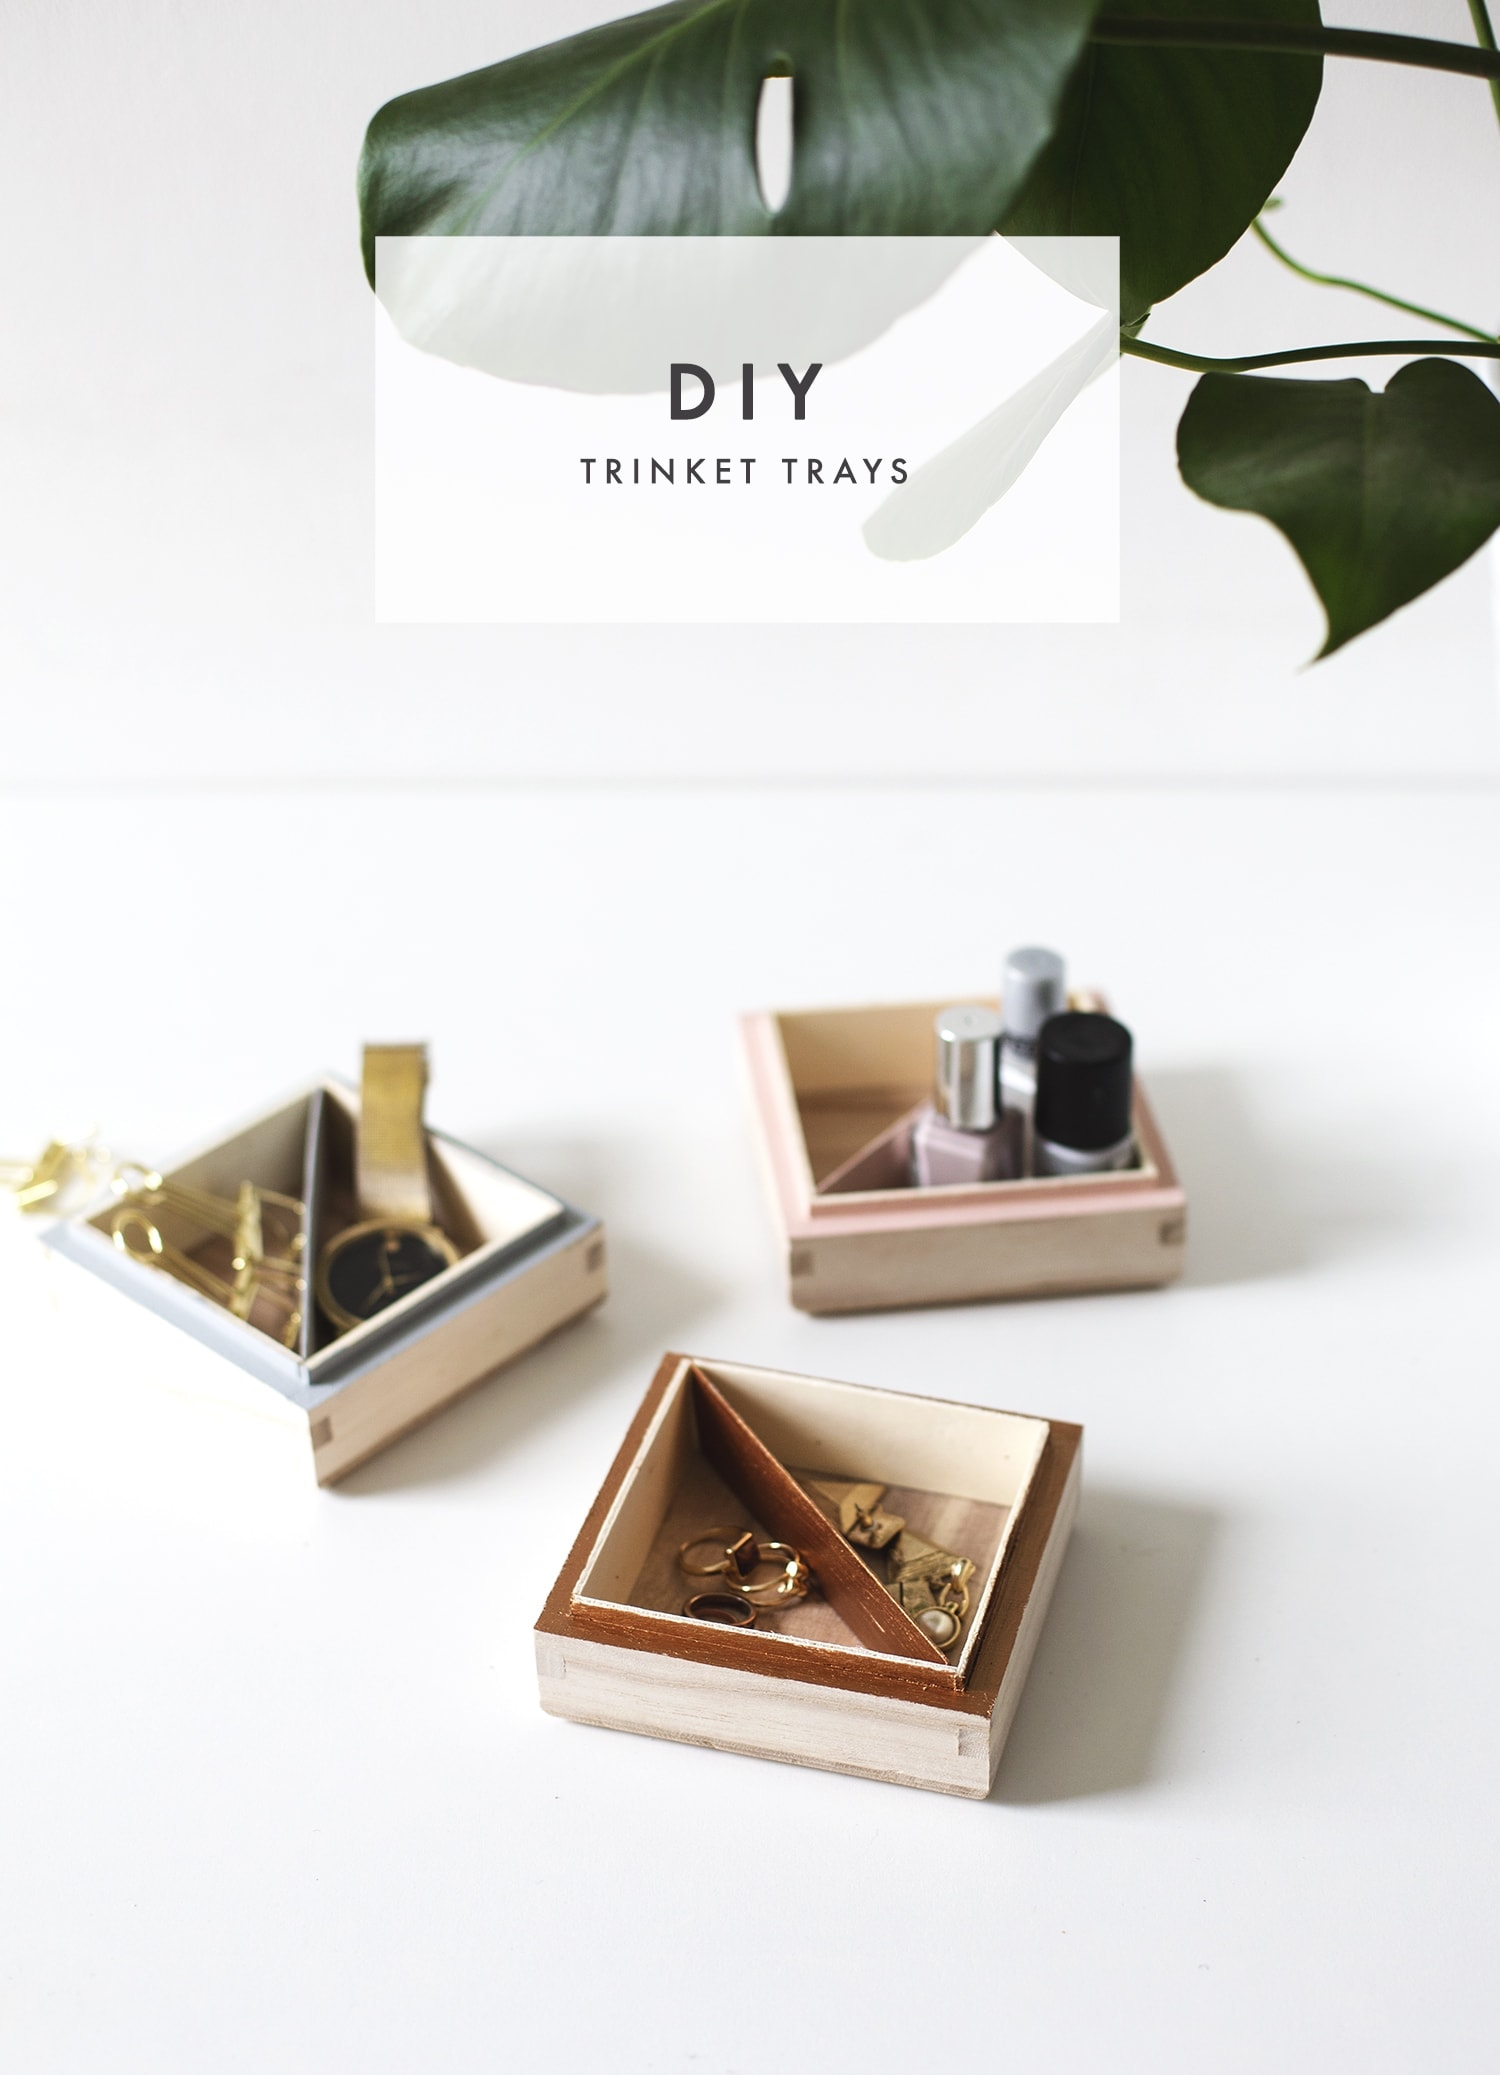 DIY trinket tray tutorial | easy storage | craft ideas